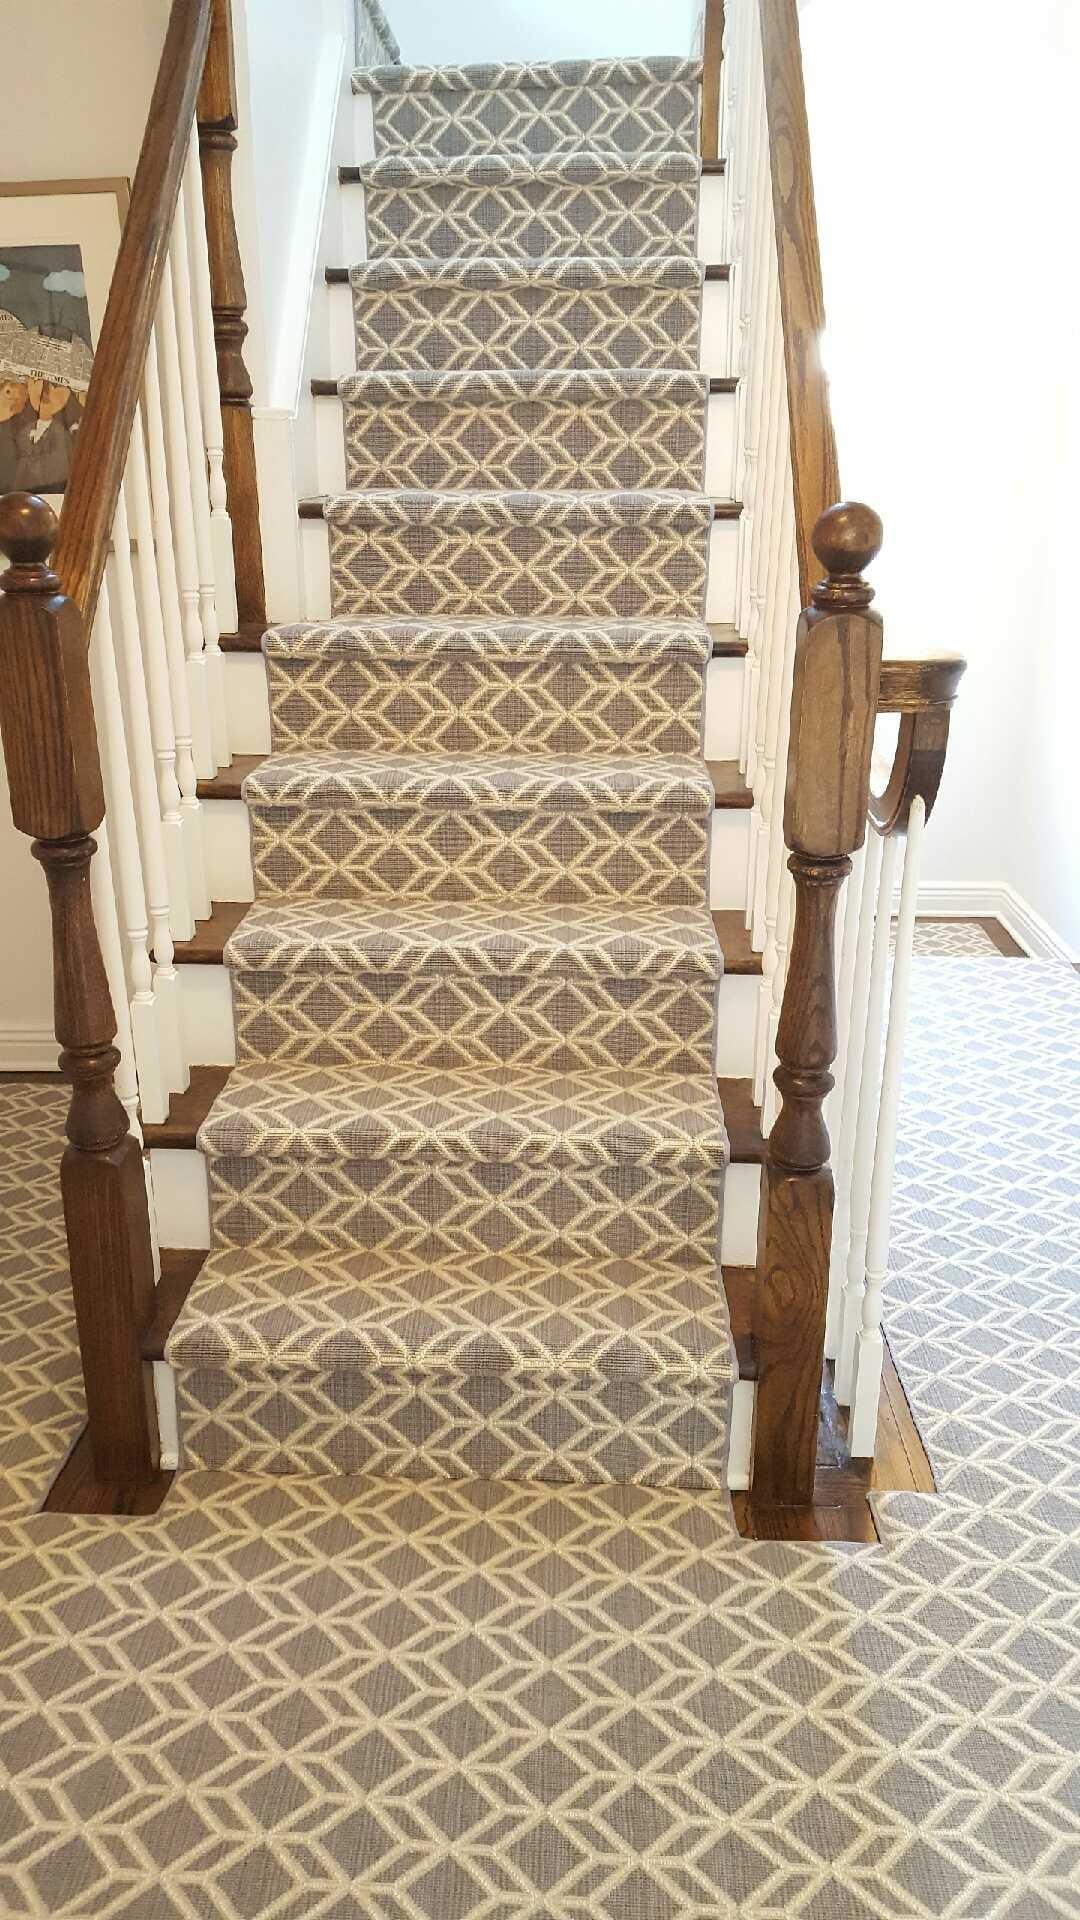 Stair runner in Manhattan, NY from White Plains Carpets, Floors & Blinds